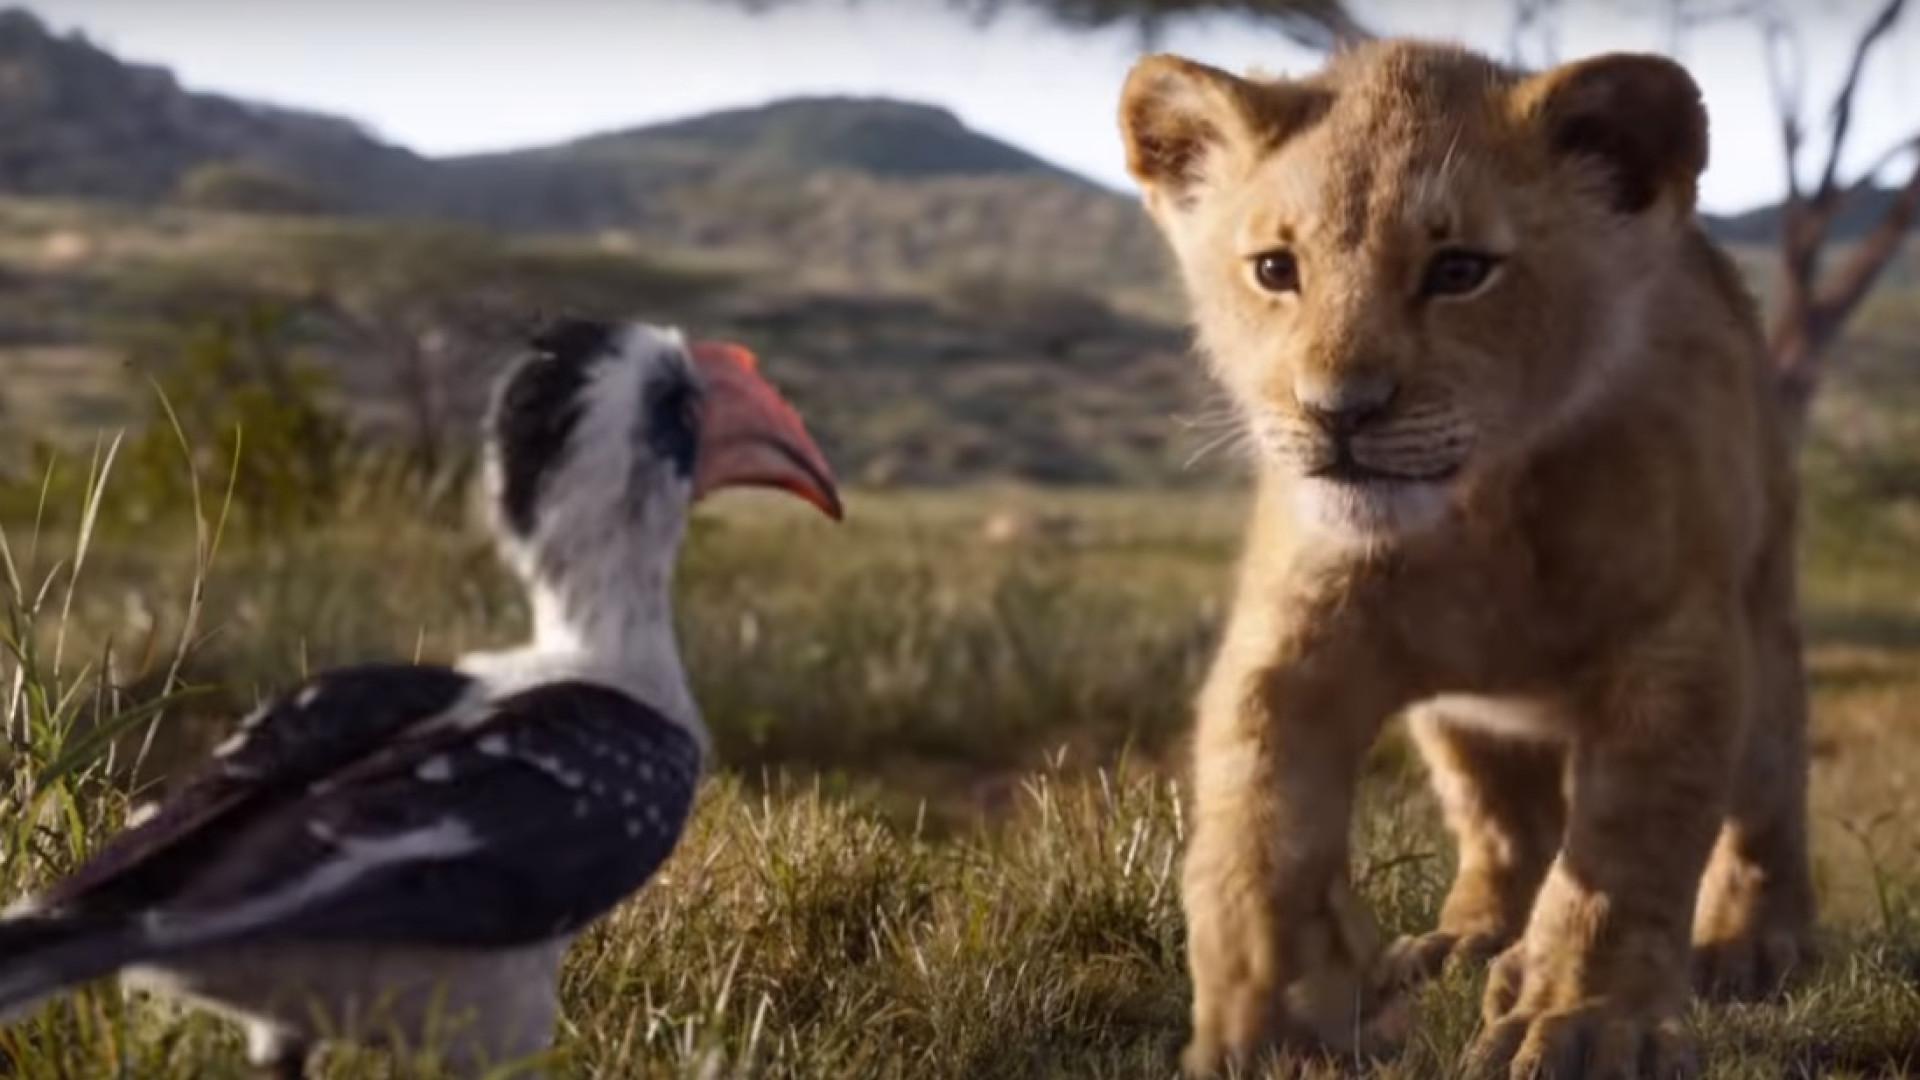 Filme 'O Rei Leão' tem novo trailer. Curioso?